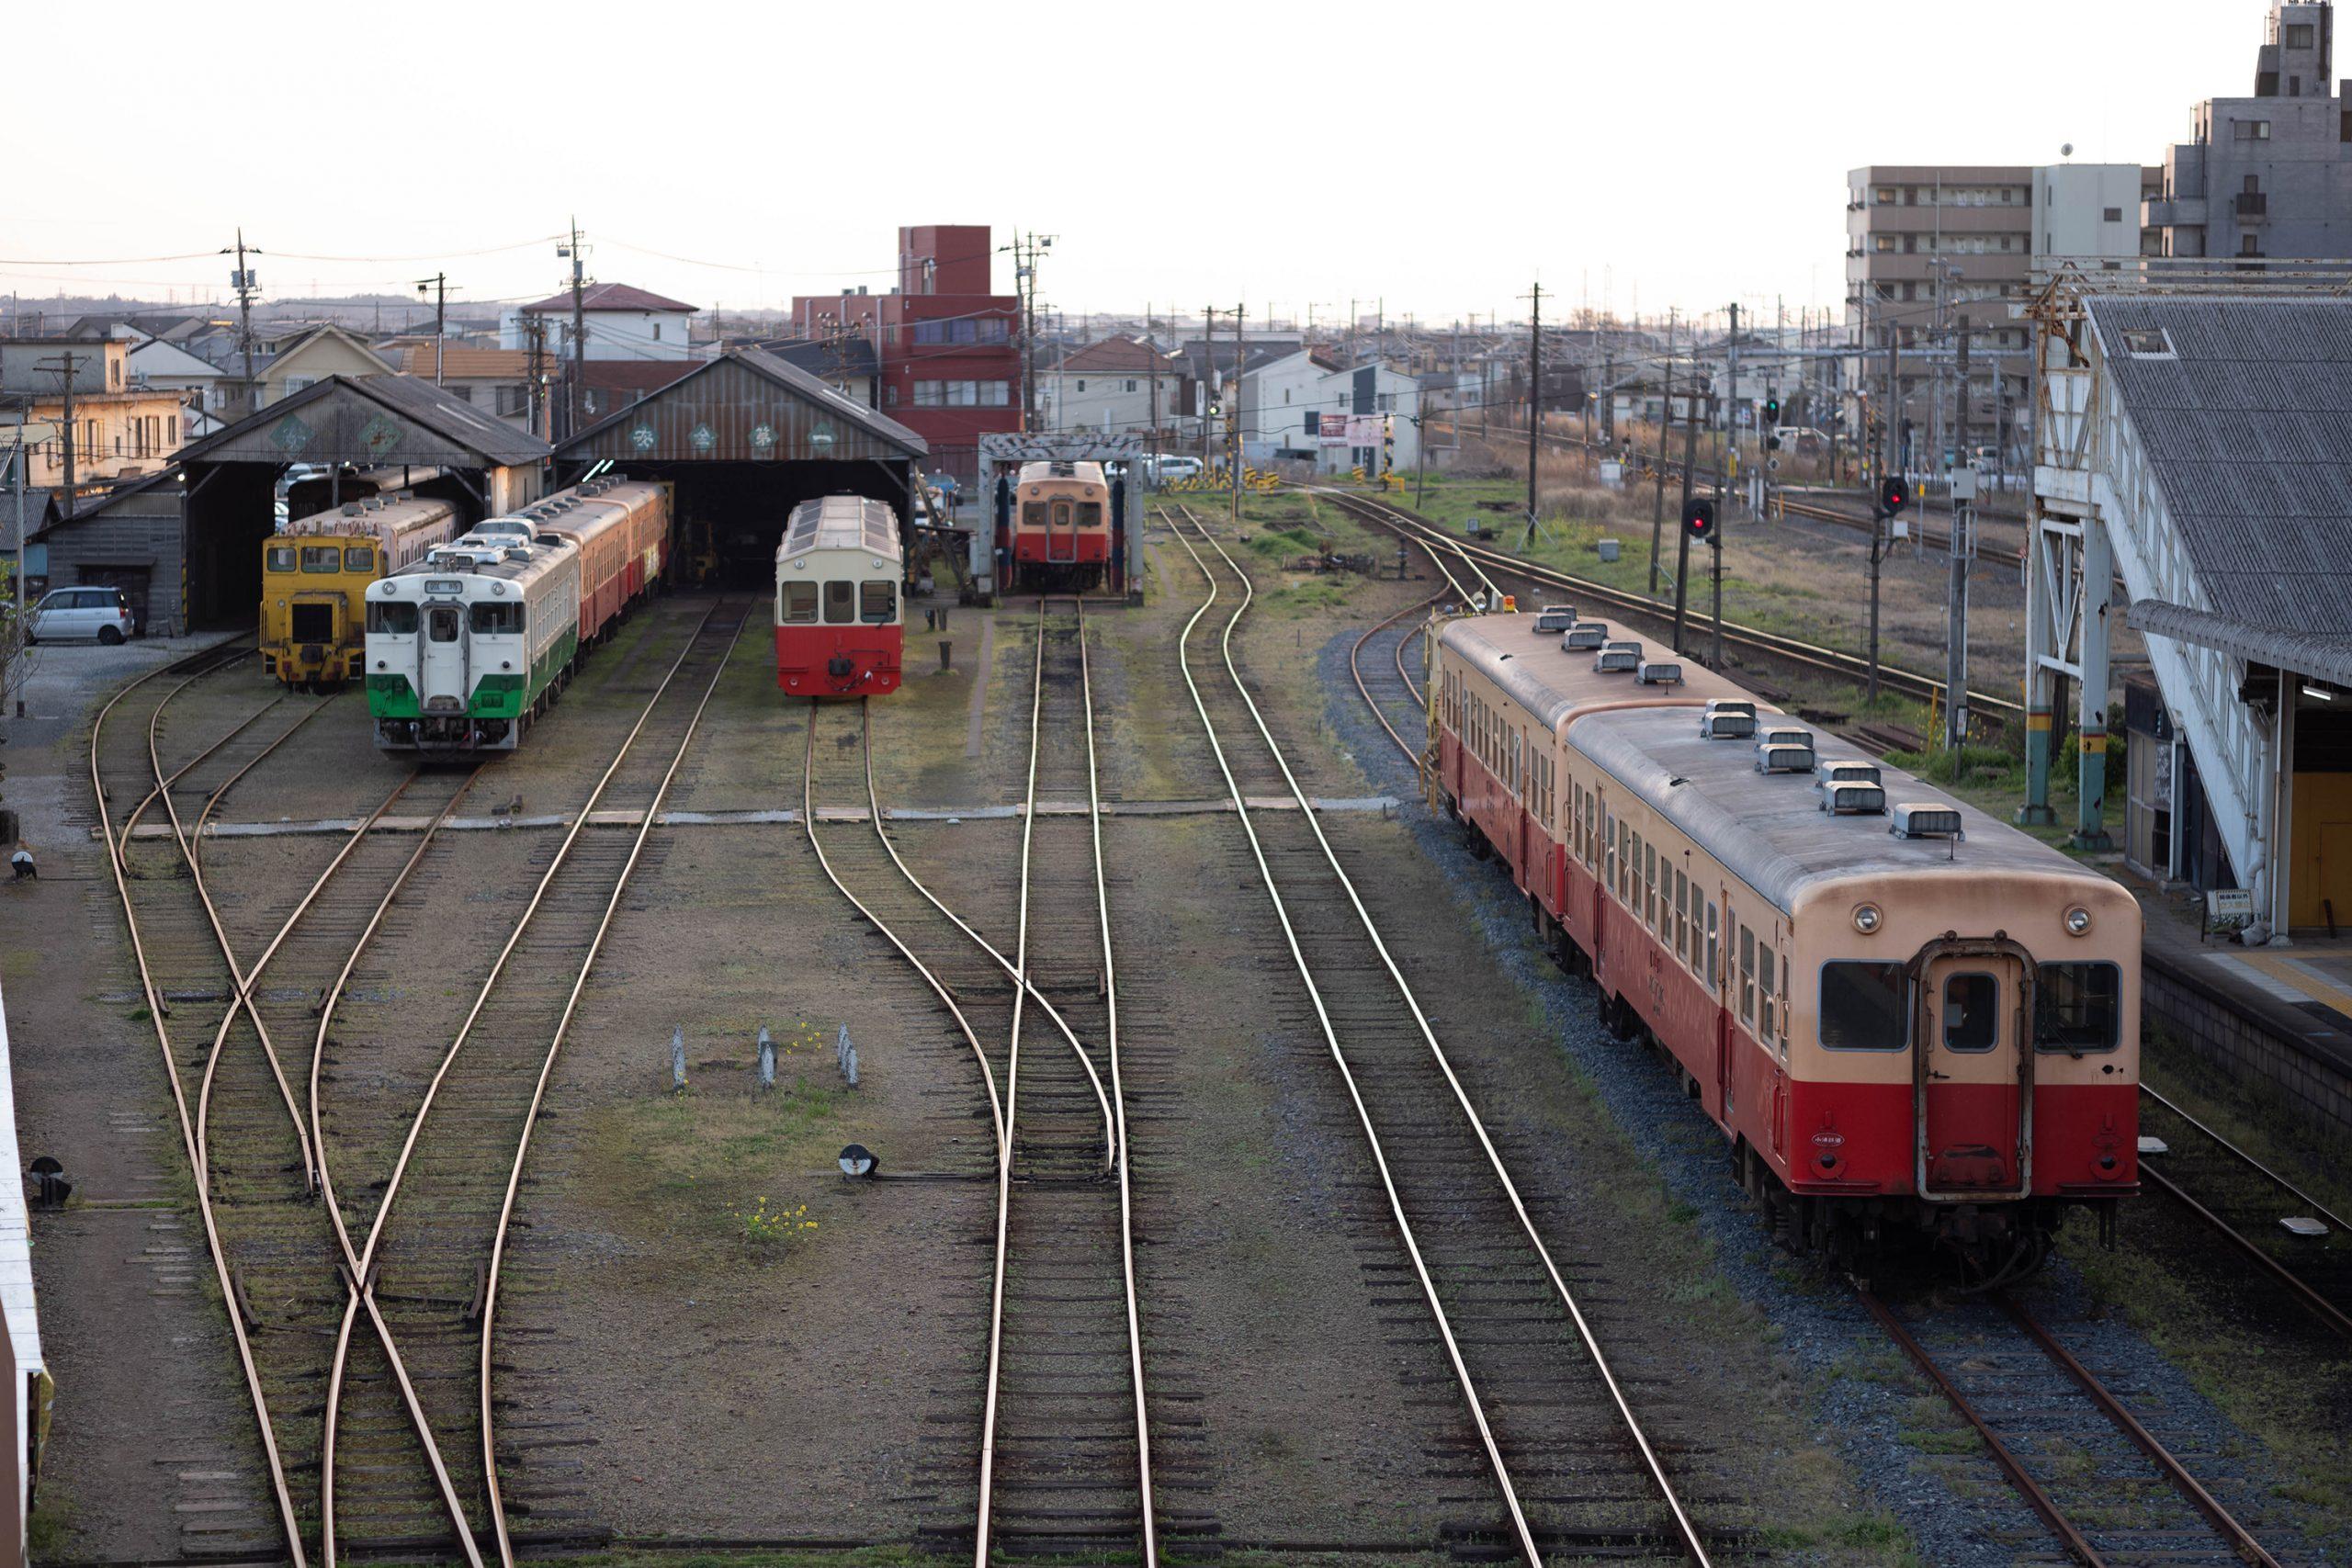 五井駅の車庫に停まるキハ40形